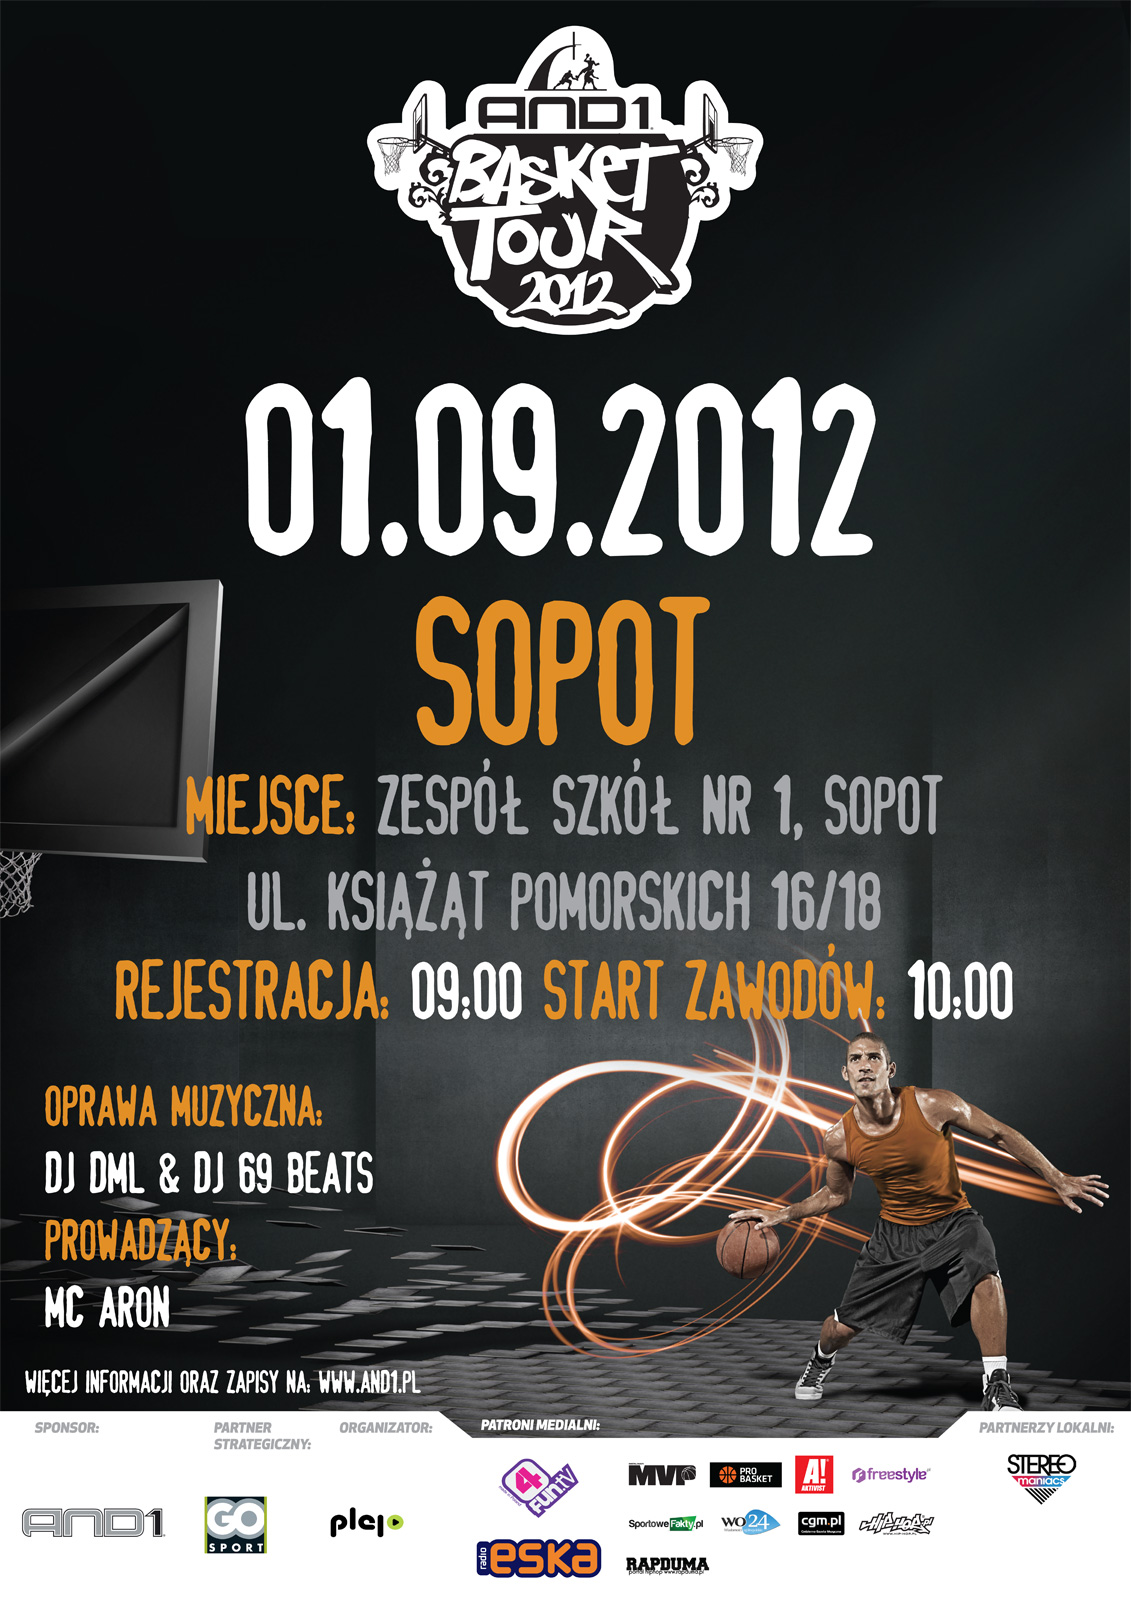 And1 Basket Tour 2012 - Sopot